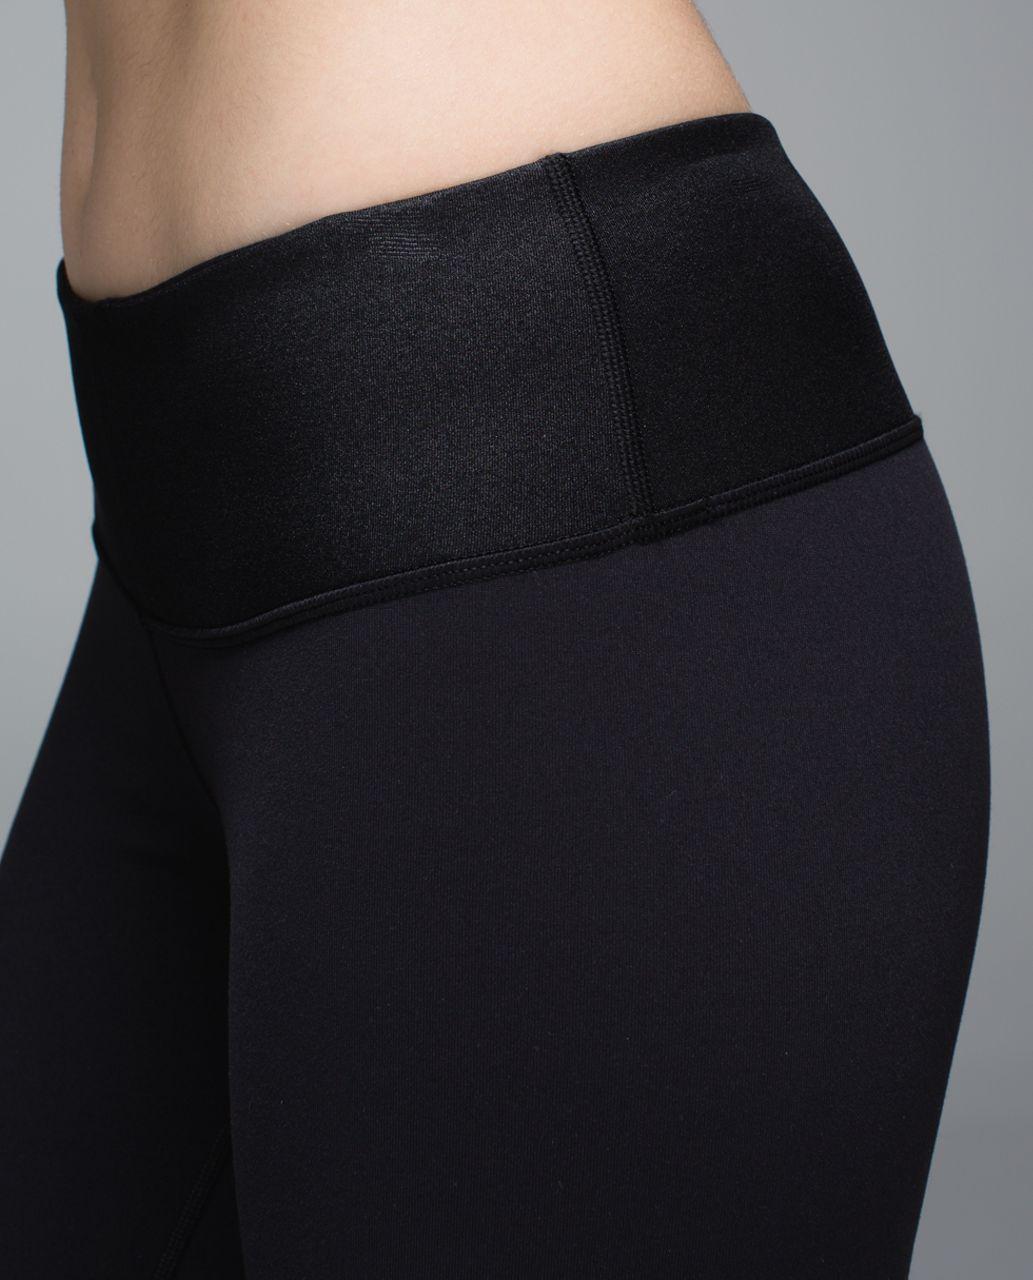 Lululemon Wunder Under Pant *Full-On Luon (Brushed) - Black